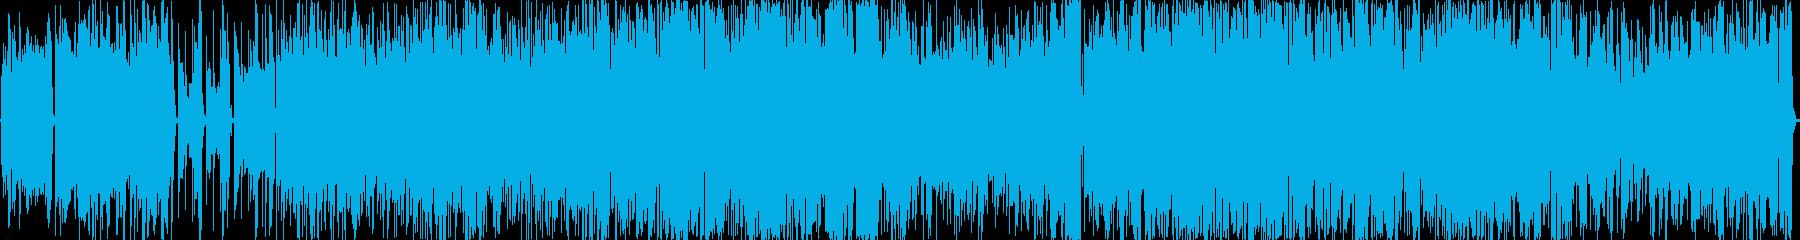 歪のベースサウンド 疾走感 BGMの再生済みの波形